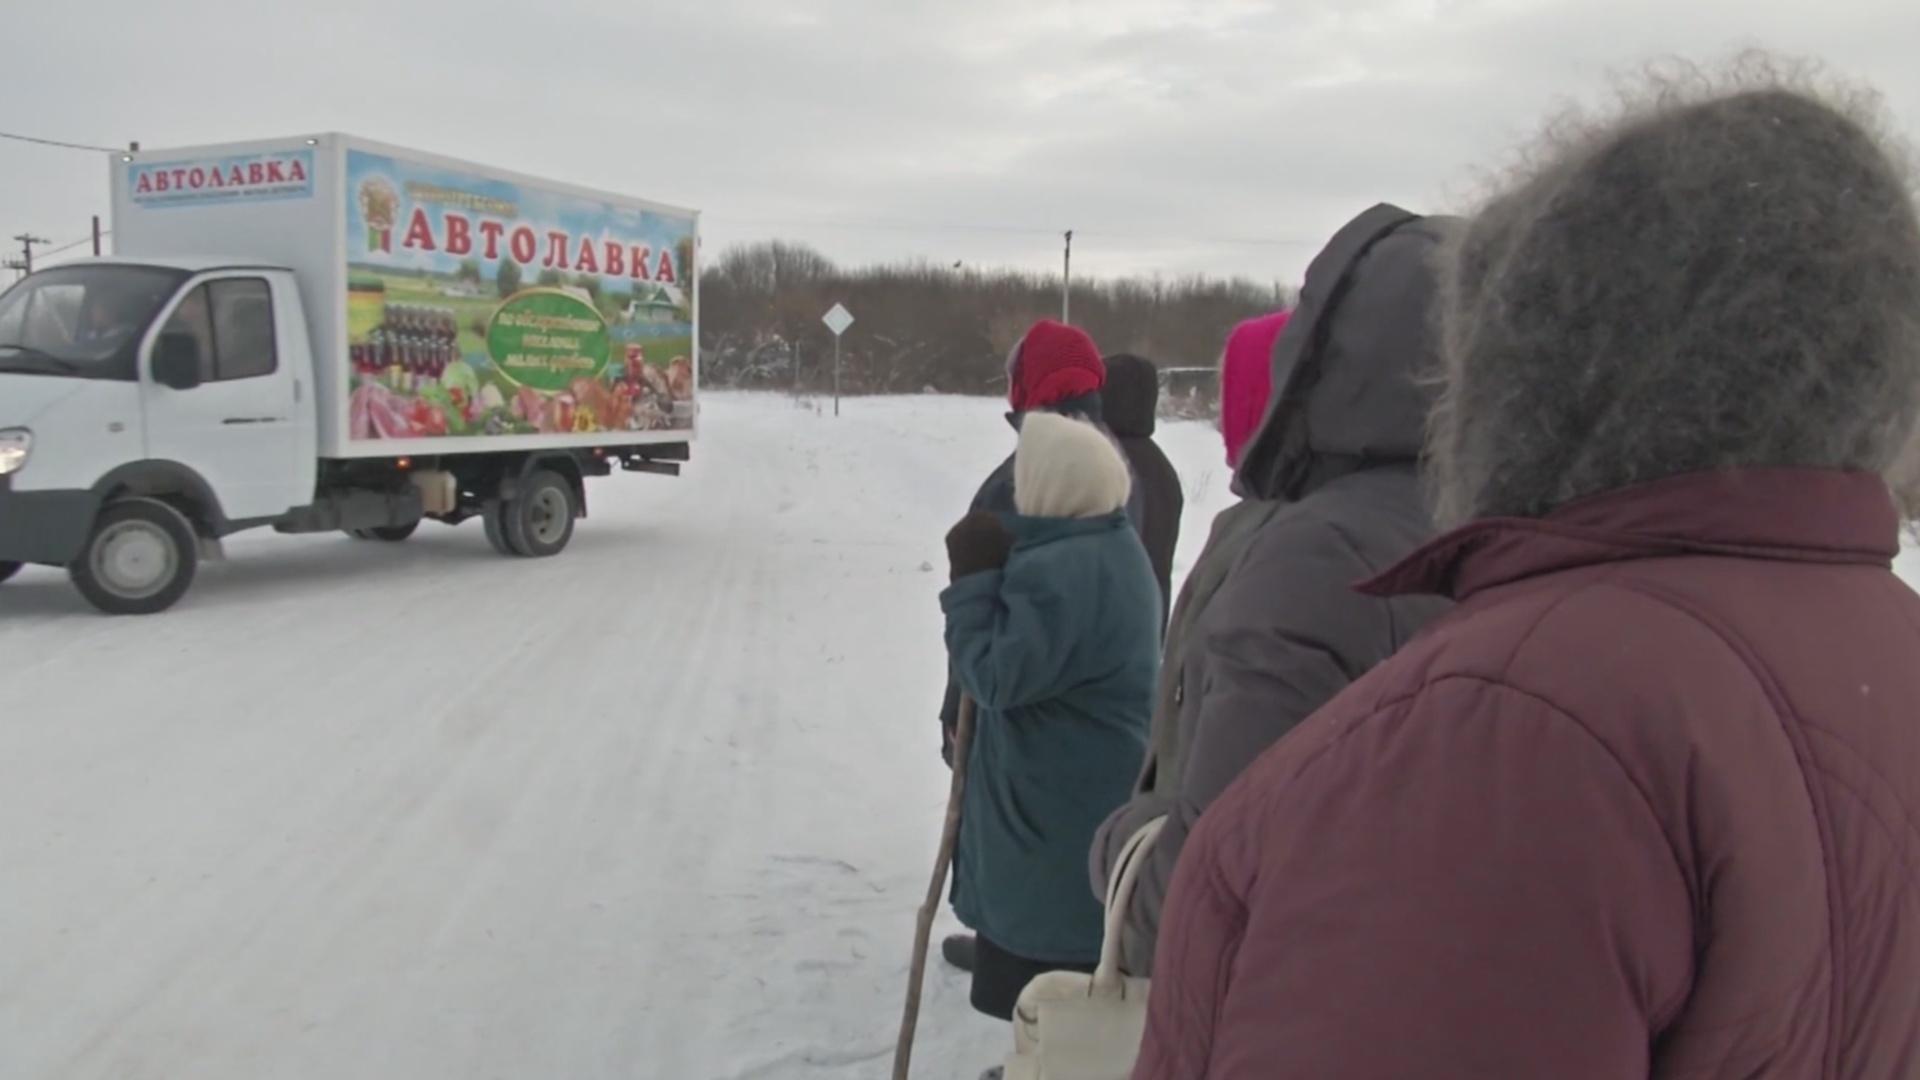 Автолавки снабжают продуктами отдалённые российские деревни